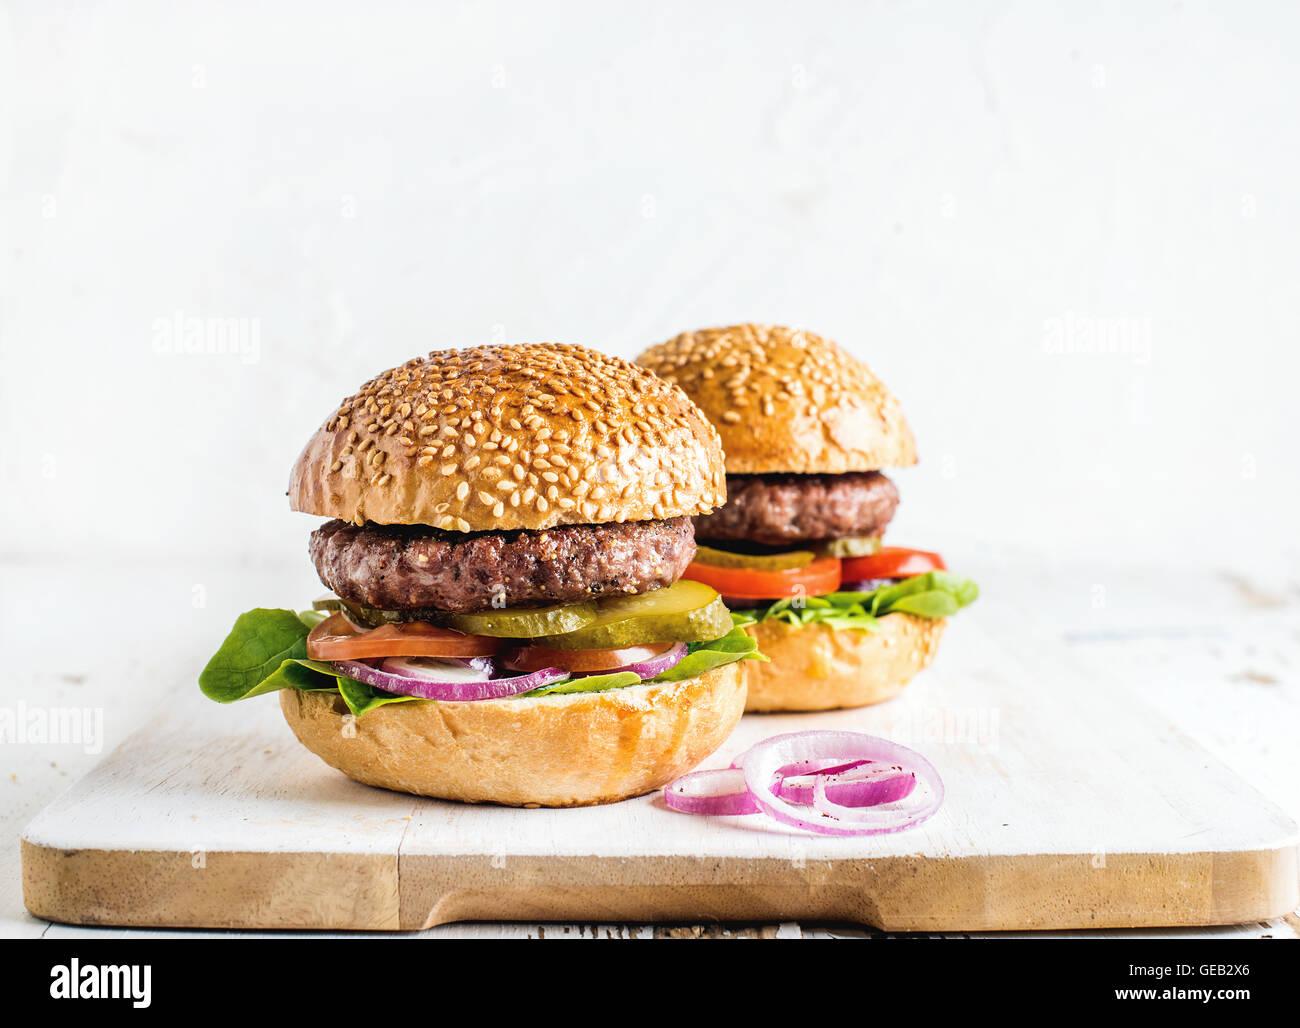 Fresca hamburger fatti in casa in legno che serve la scheda con anelli di cipolla. Immagini Stock